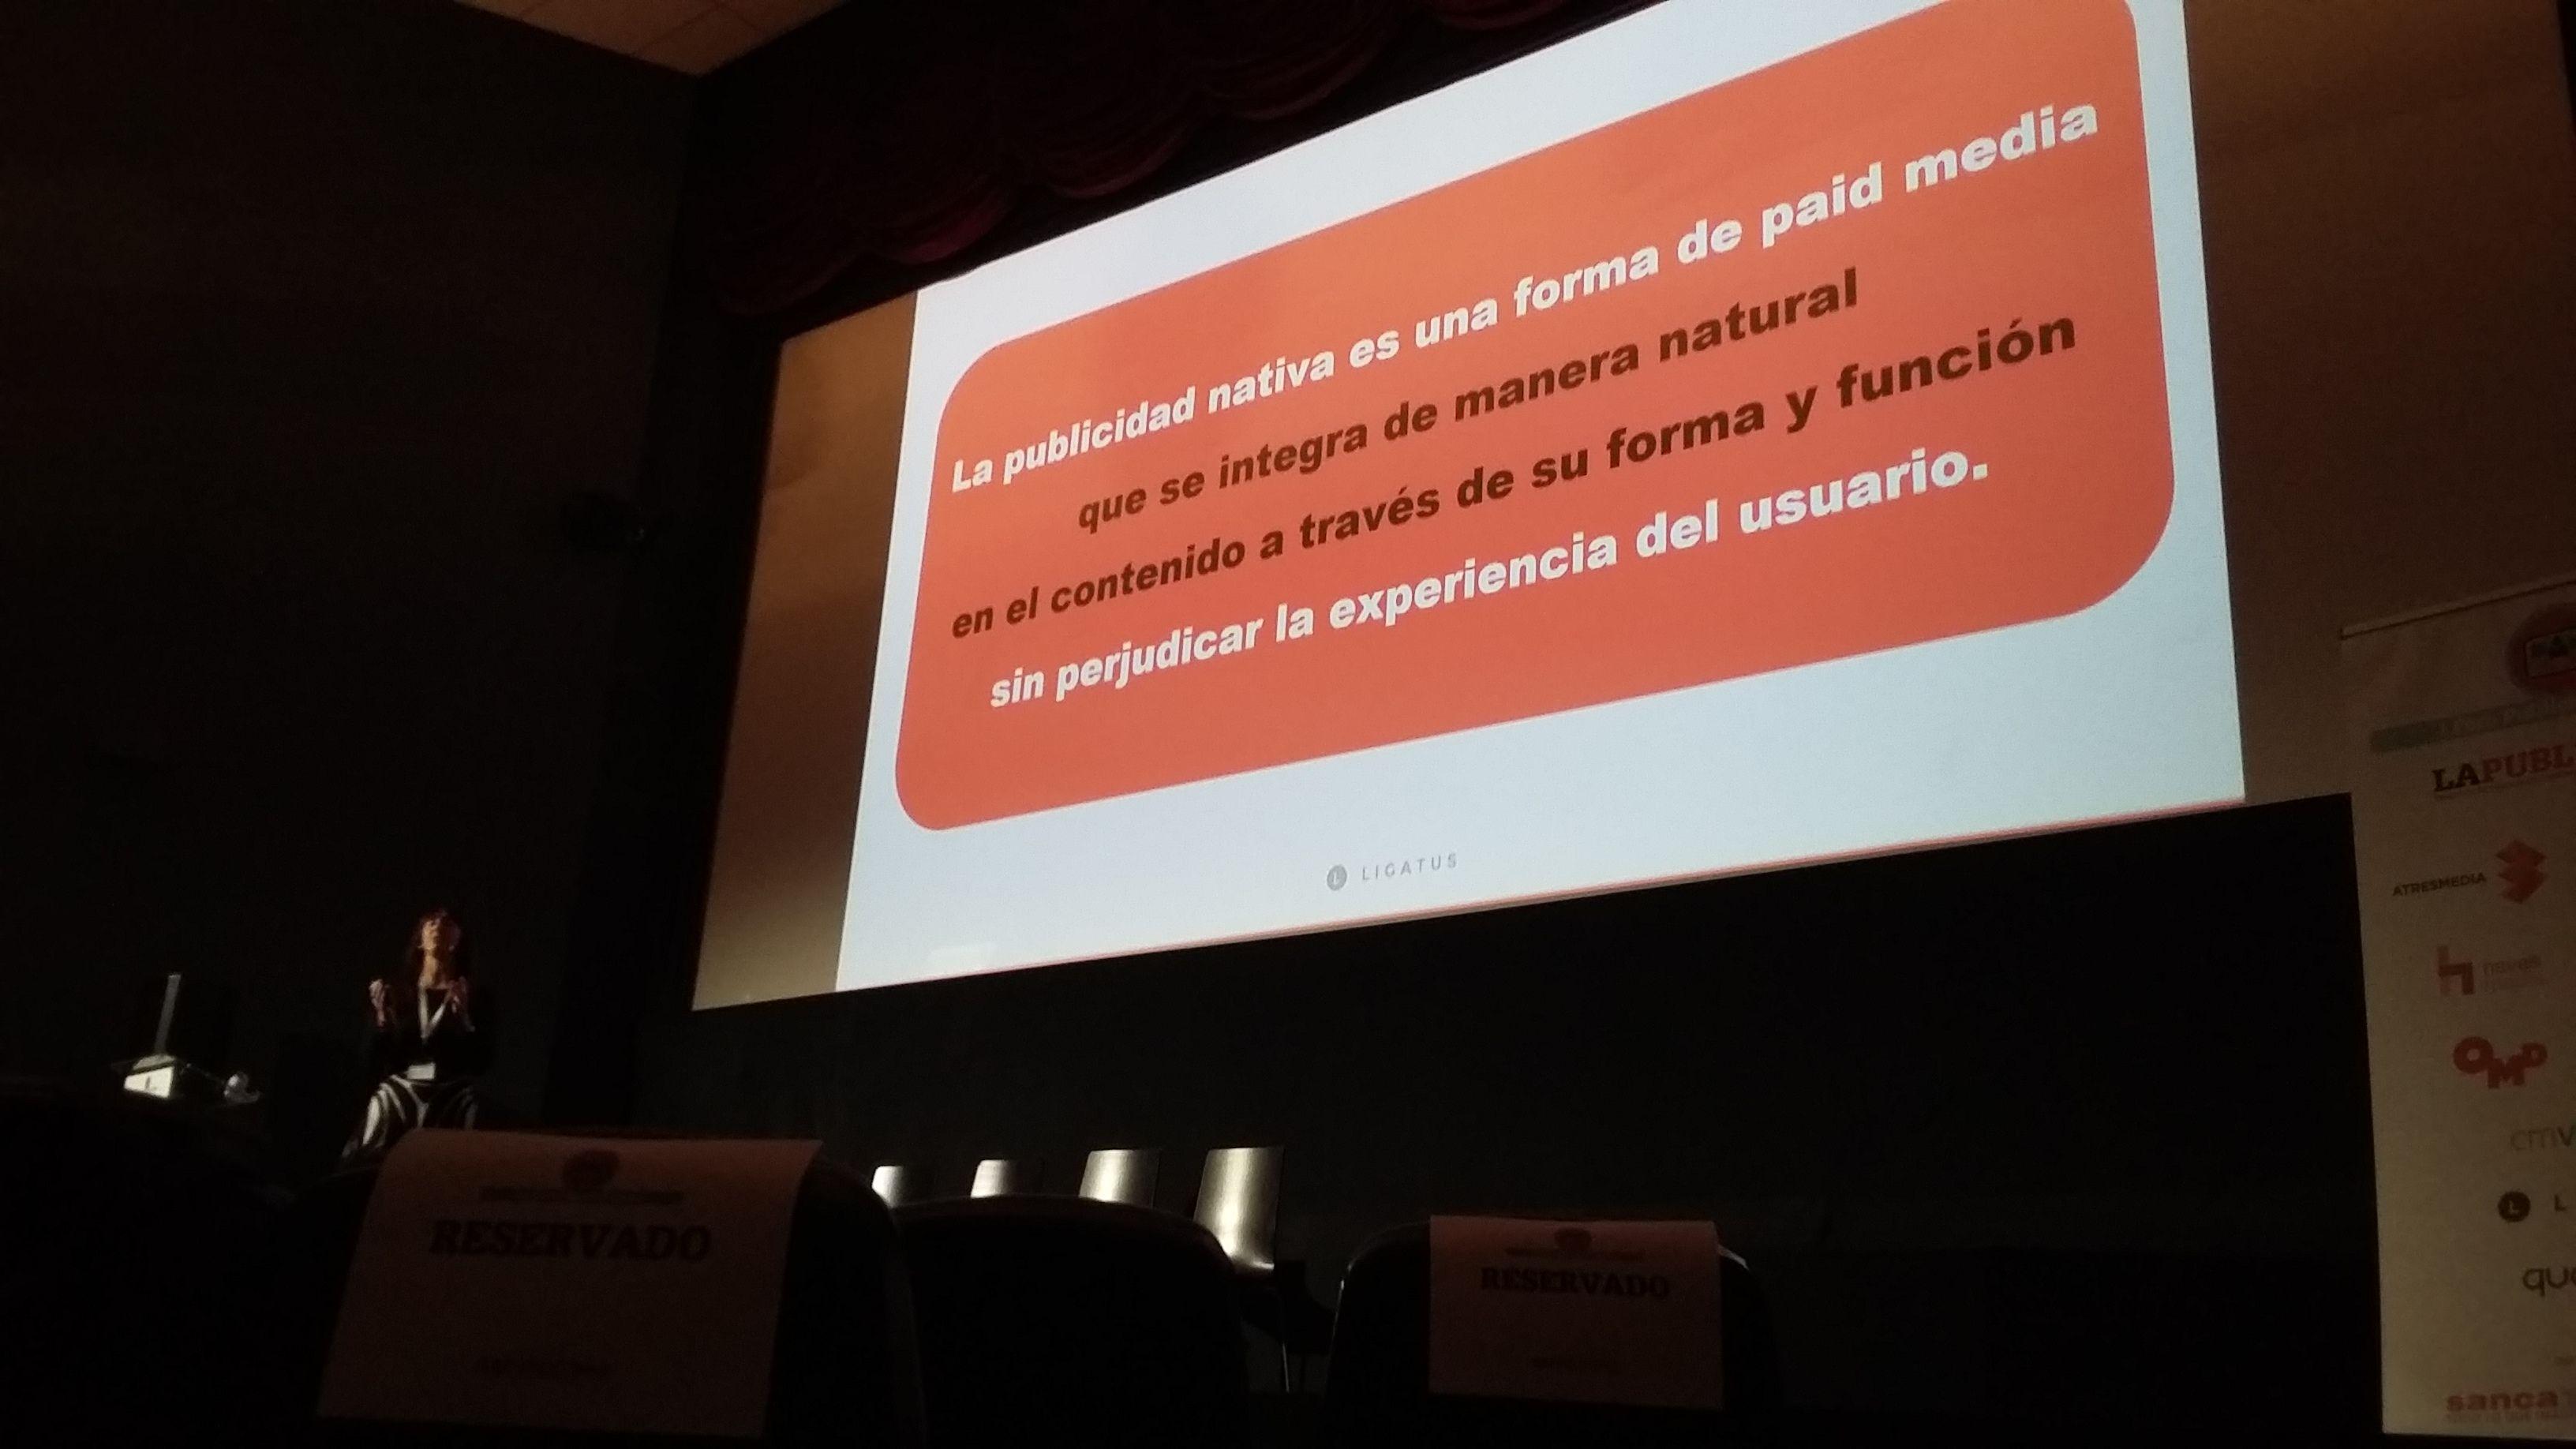 Definición de publicidad nativa según Maylis Chevalier